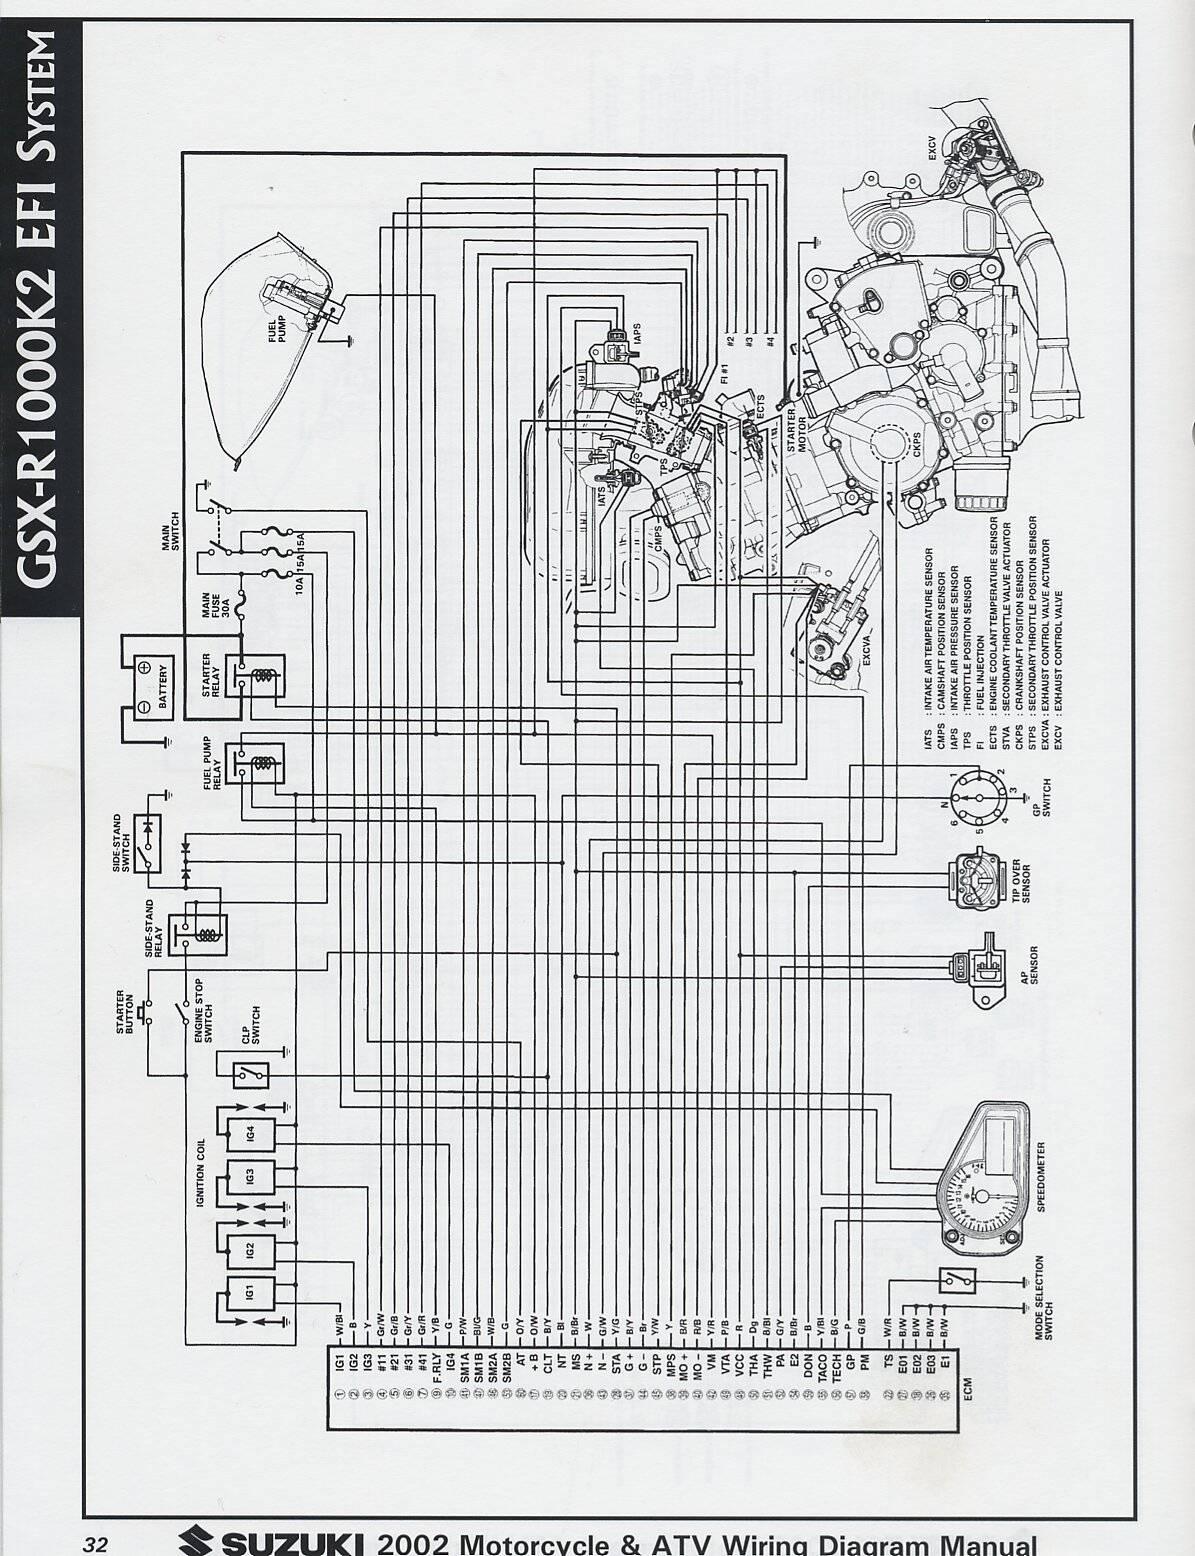 gsxr 600 wiring diagram 2005 for sony xplod cdx gt300 94 750